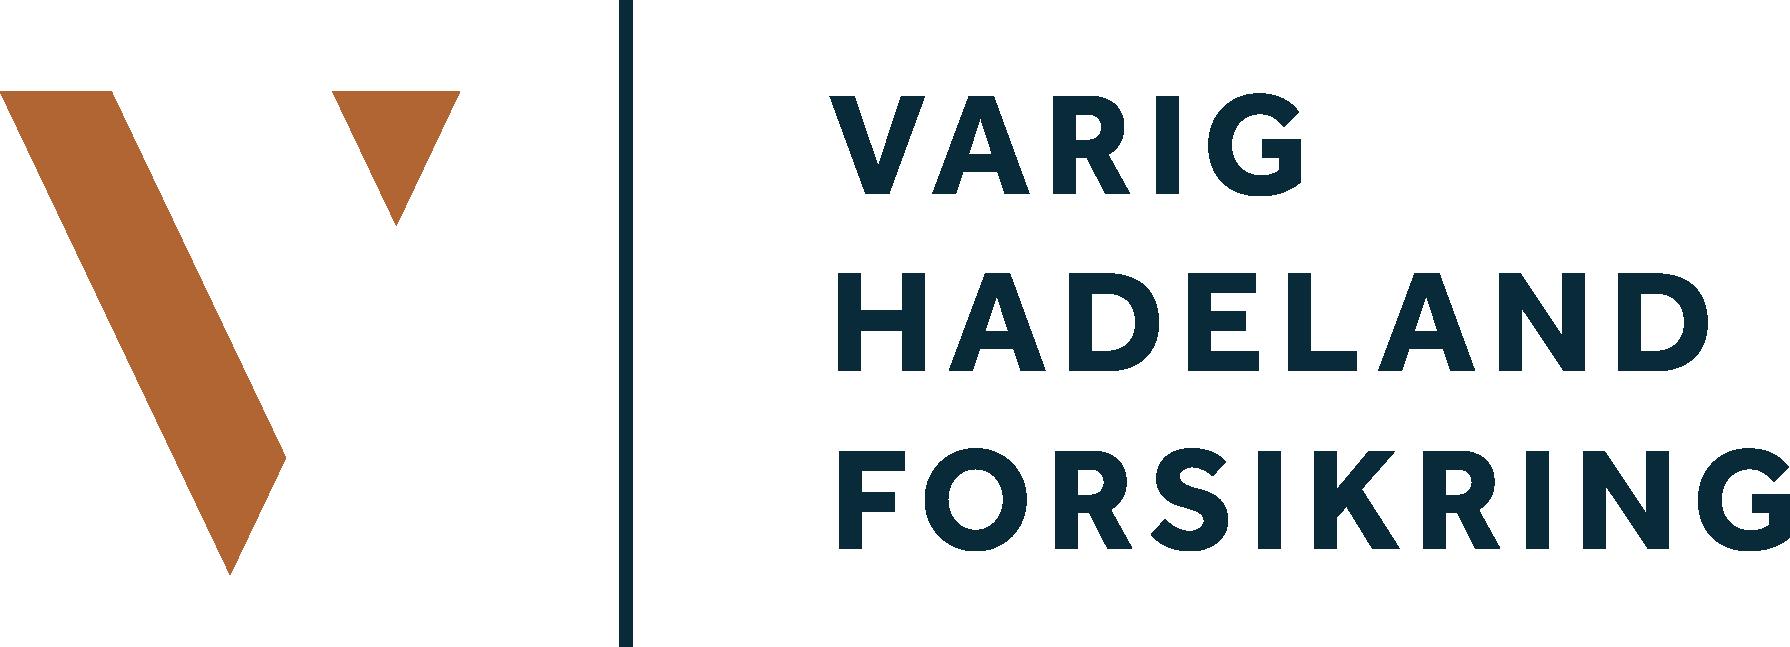 Varig Hadeland Forsikring